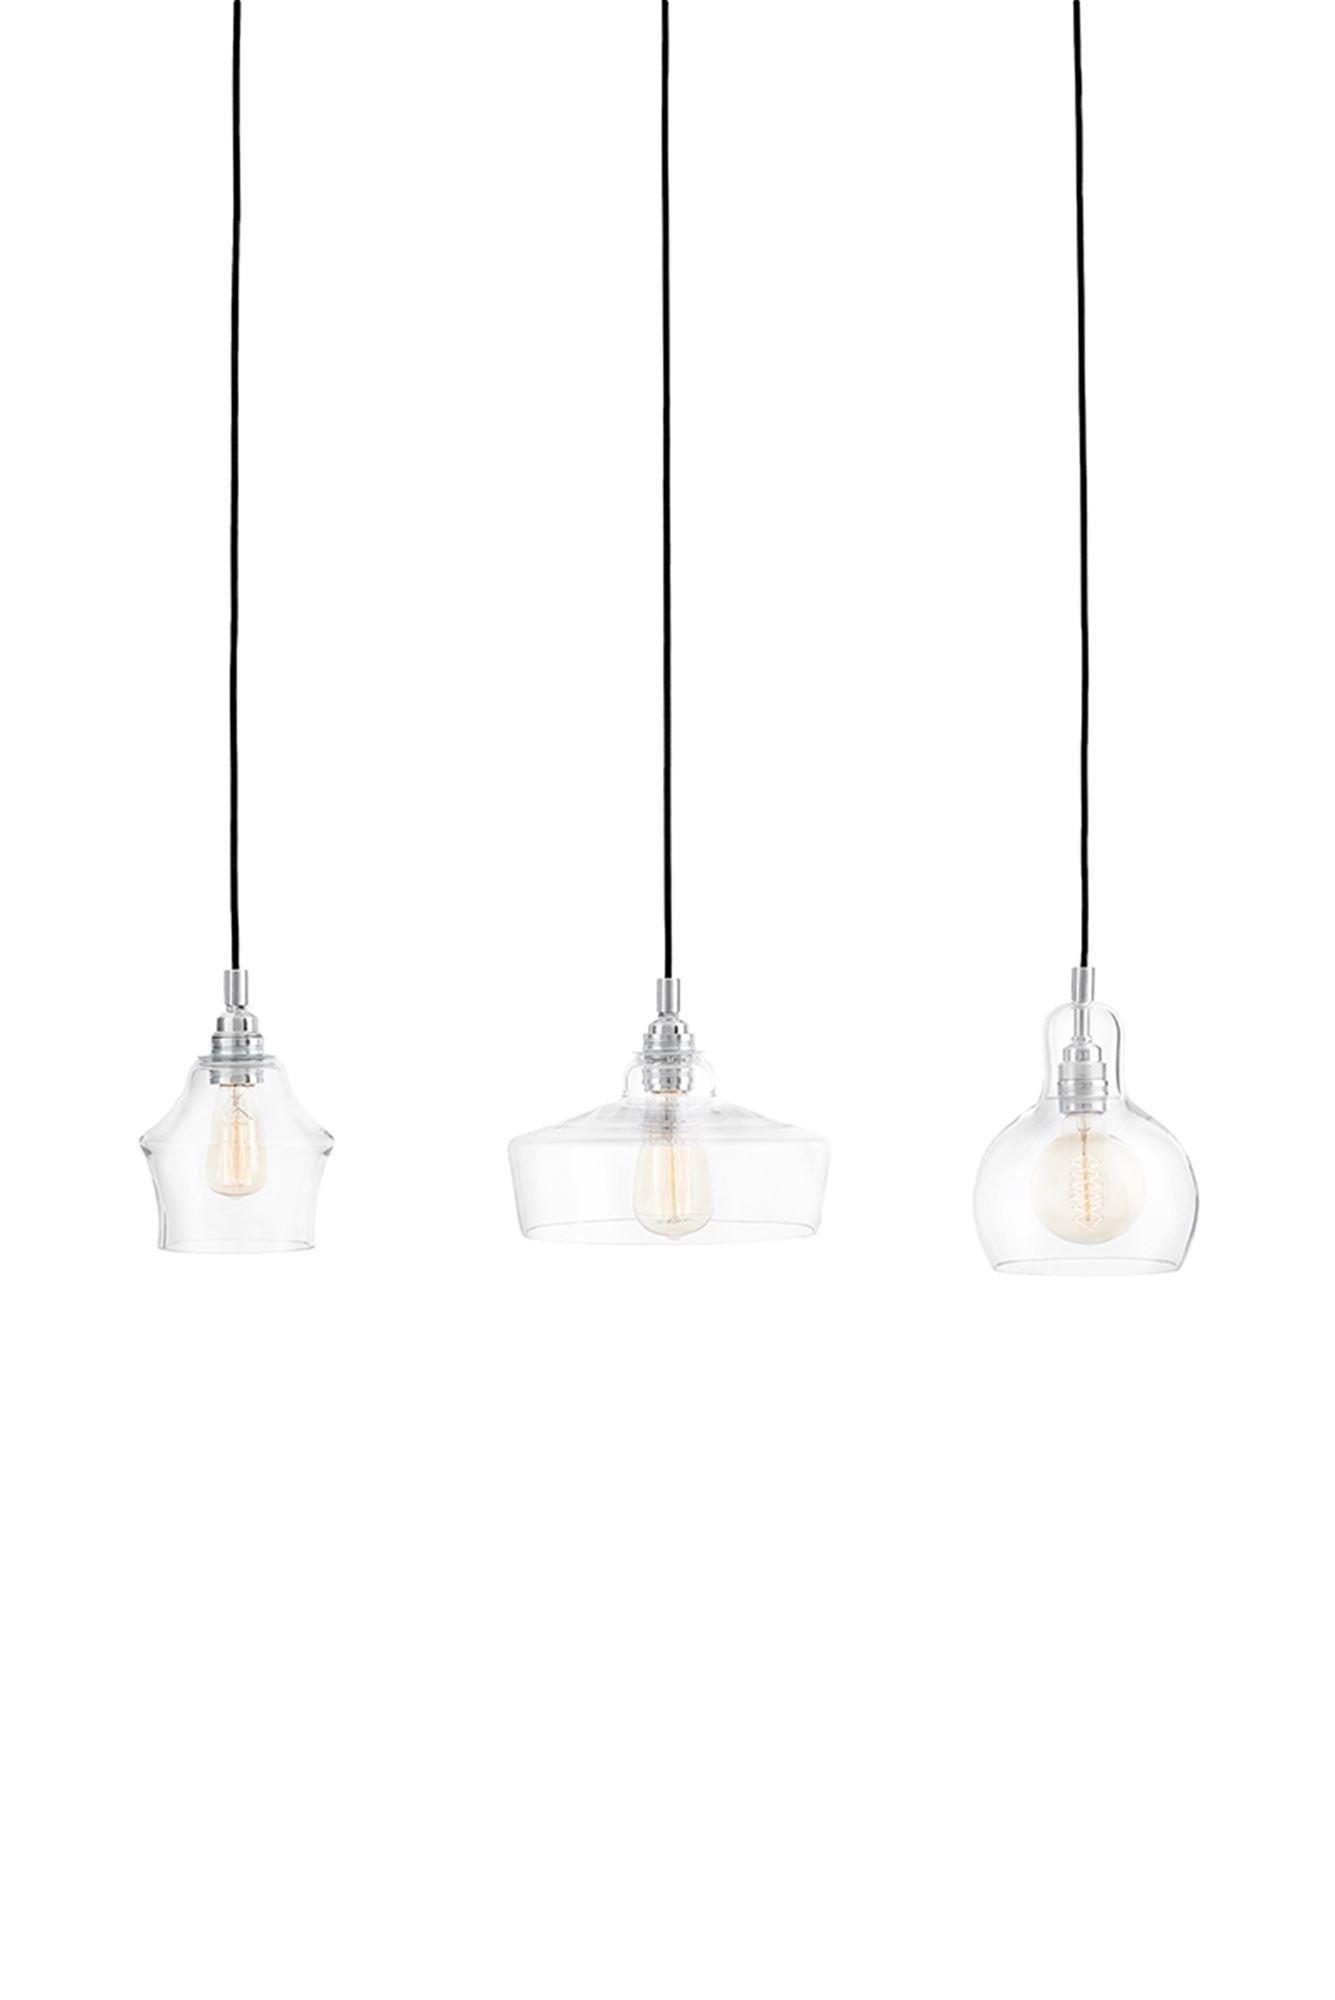 wiszące lampy do salonu 3